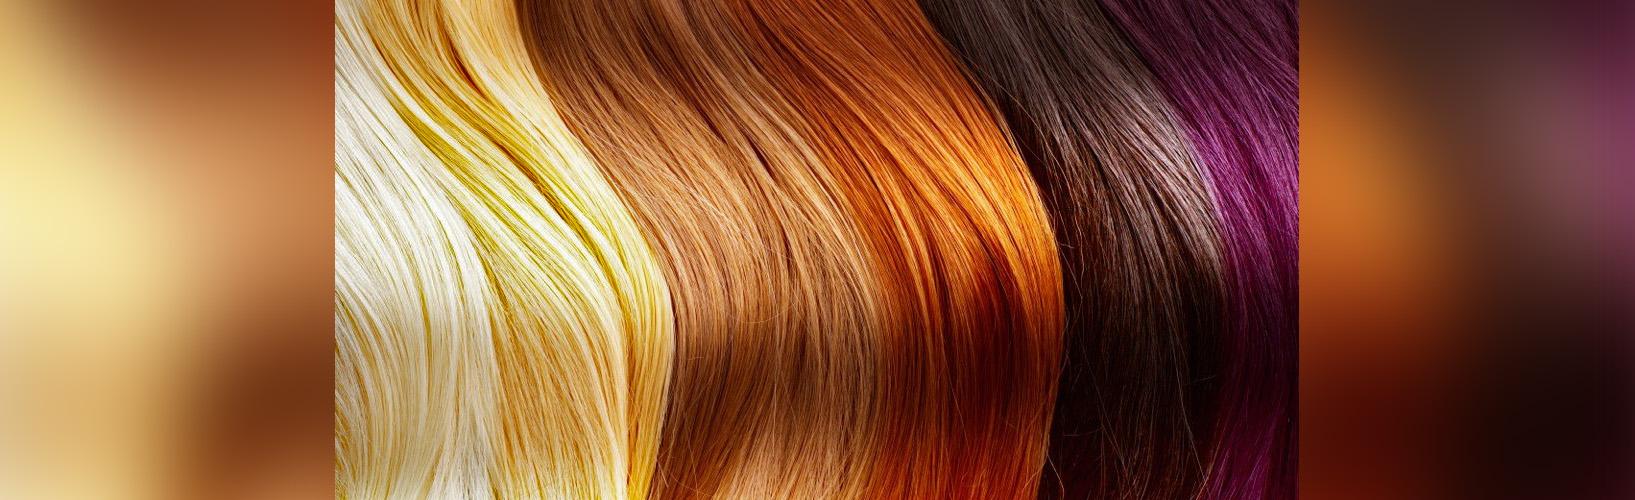 2.-multi-color-